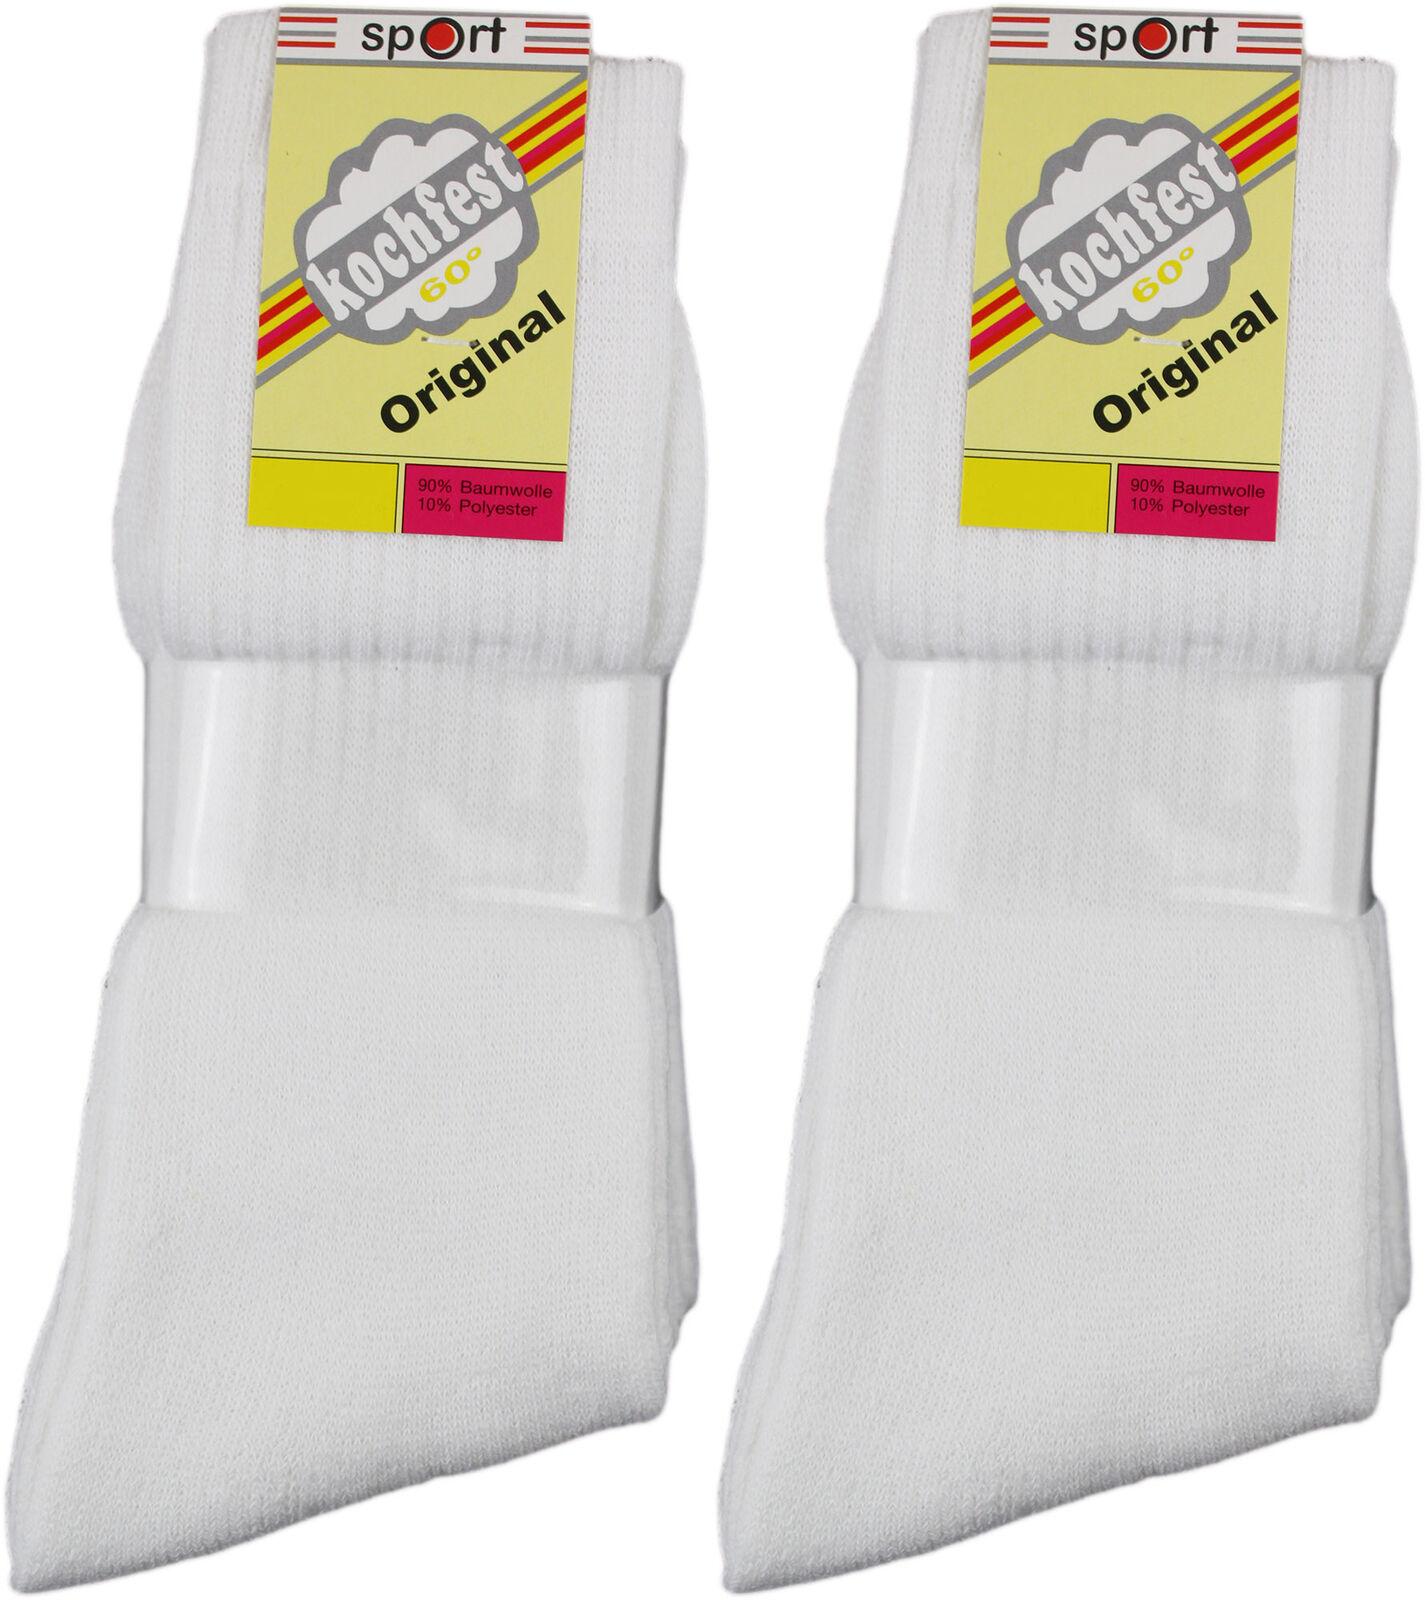 20 Paar Herren Freizeit Socken weiß 90 % Baumwolle uni